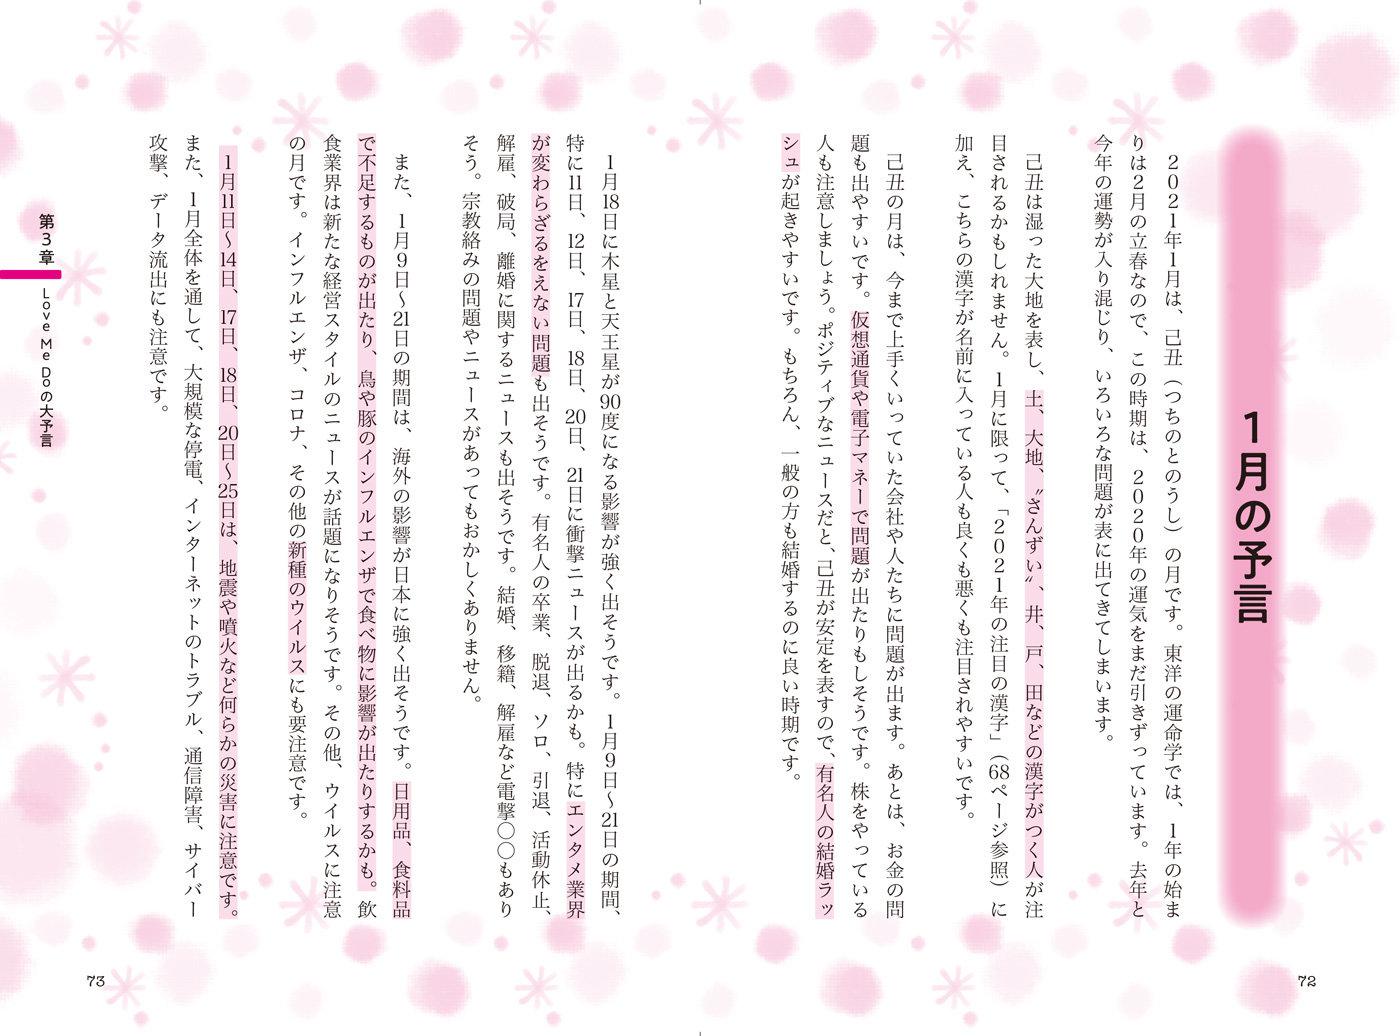 コロナ 予言 人 未来 【未来人】令和2021年の予言!東京五輪開催や地震発生に関するヤバい噂!